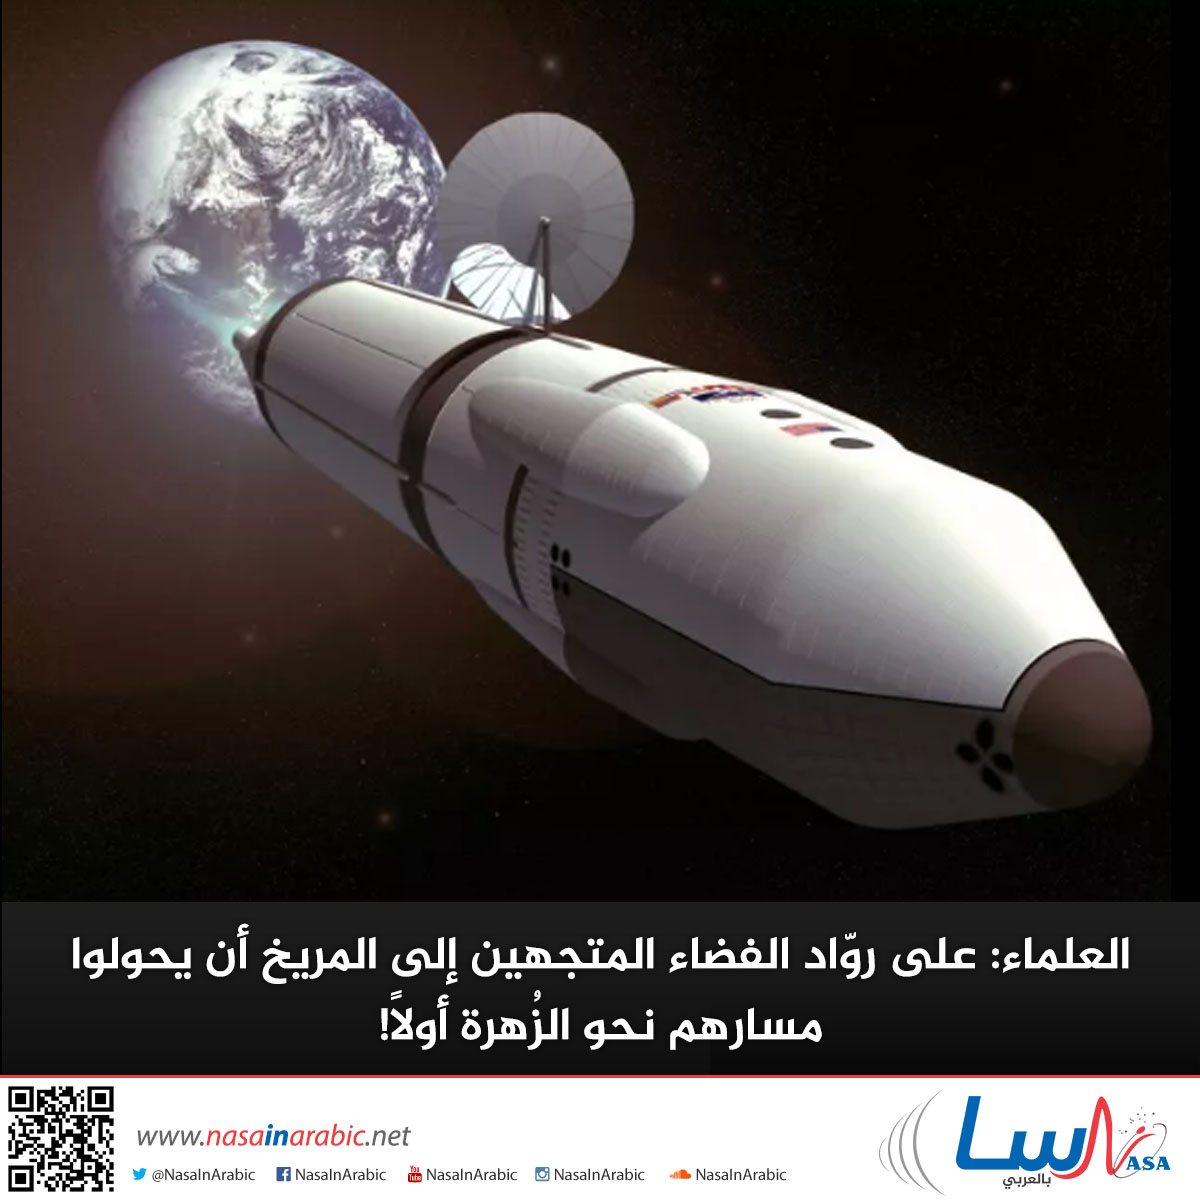 العلماء: على روّاد الفضاء المتجهين إلى المريخ أن يحولوا مسارهم نحو الزُهرة أولاً!